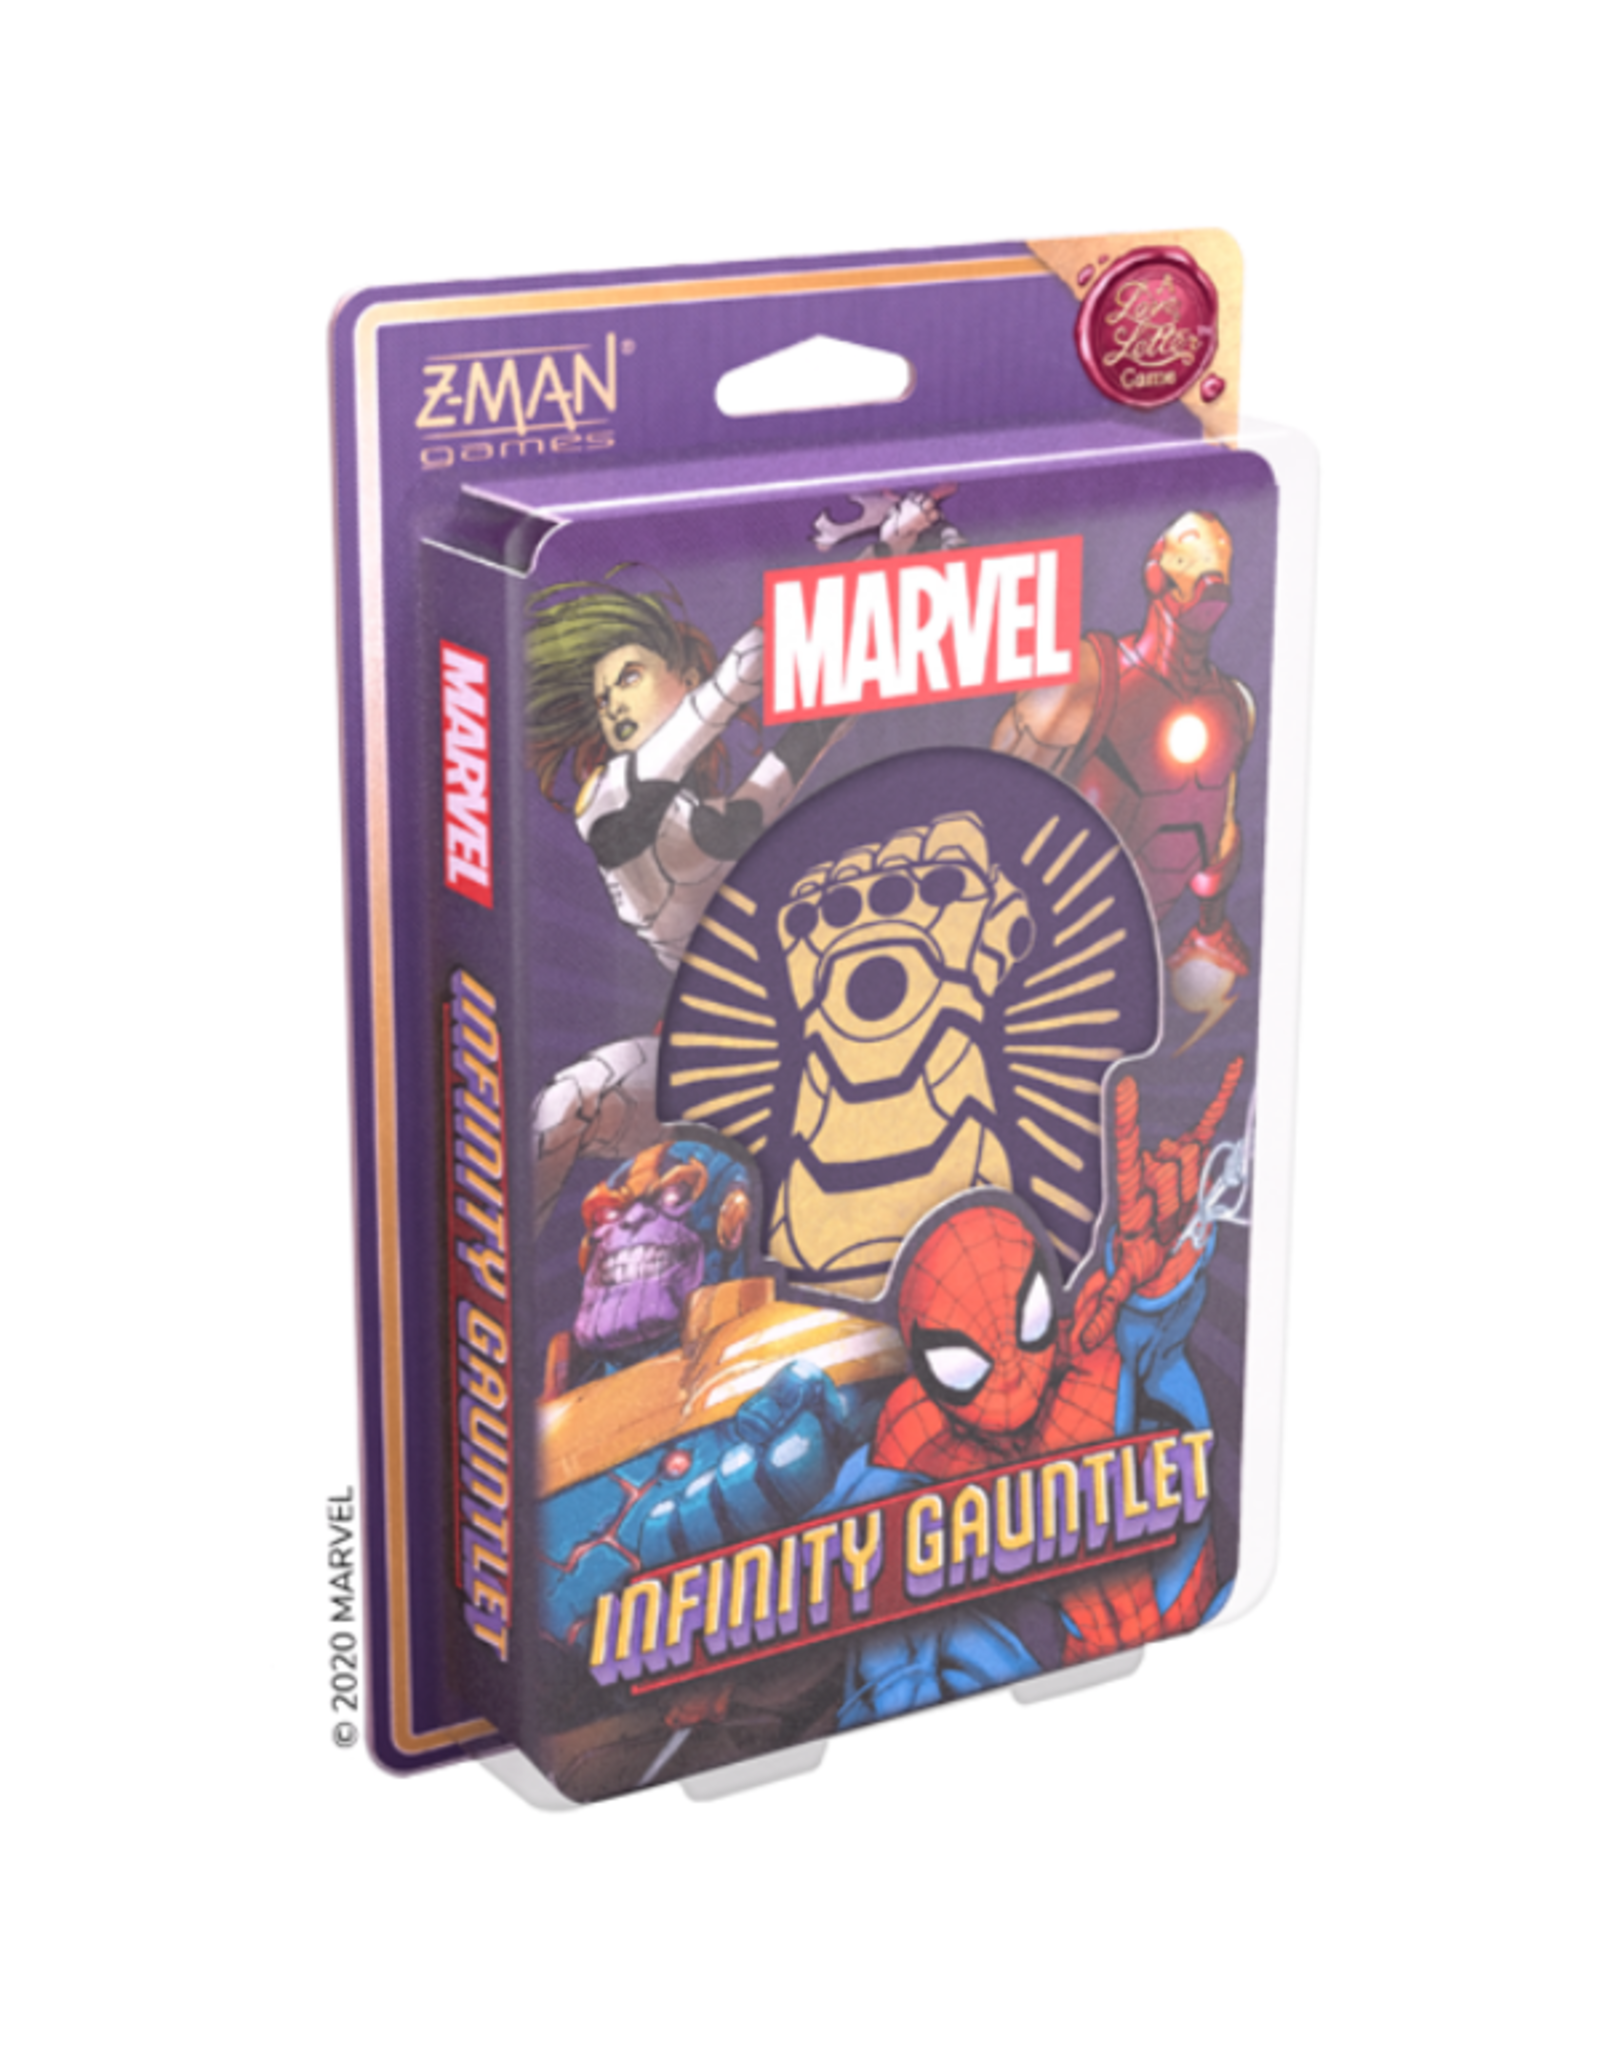 Z-Man Games Marvel: Infinity Gauntlet